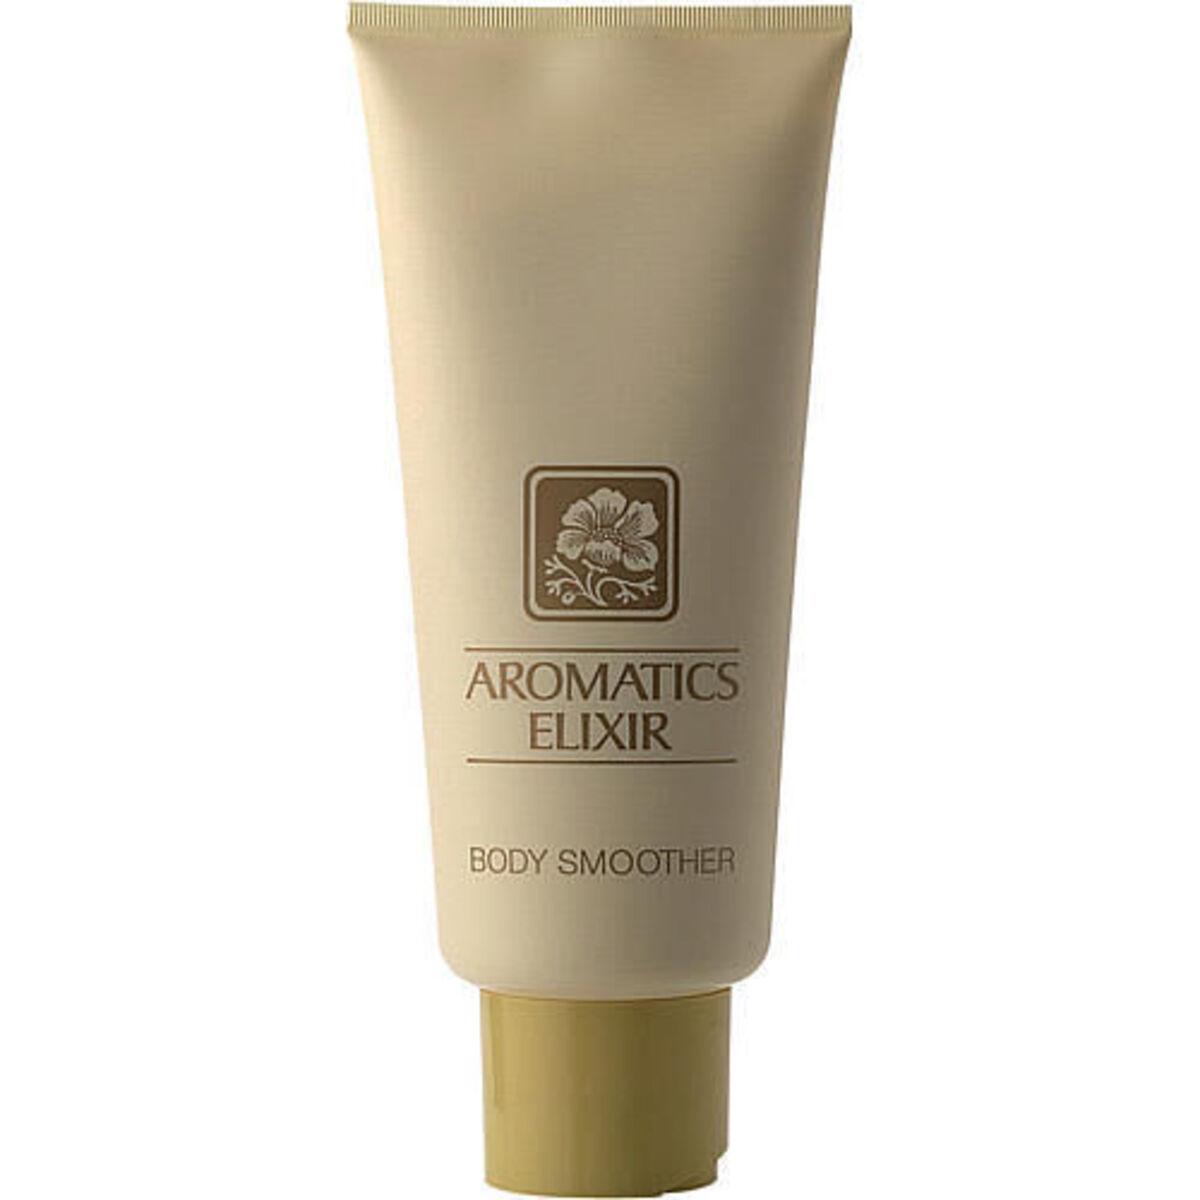 Bild 2 von Clinique Aromatics Elixir, Body Lotion, 200 ml, keine Angabe